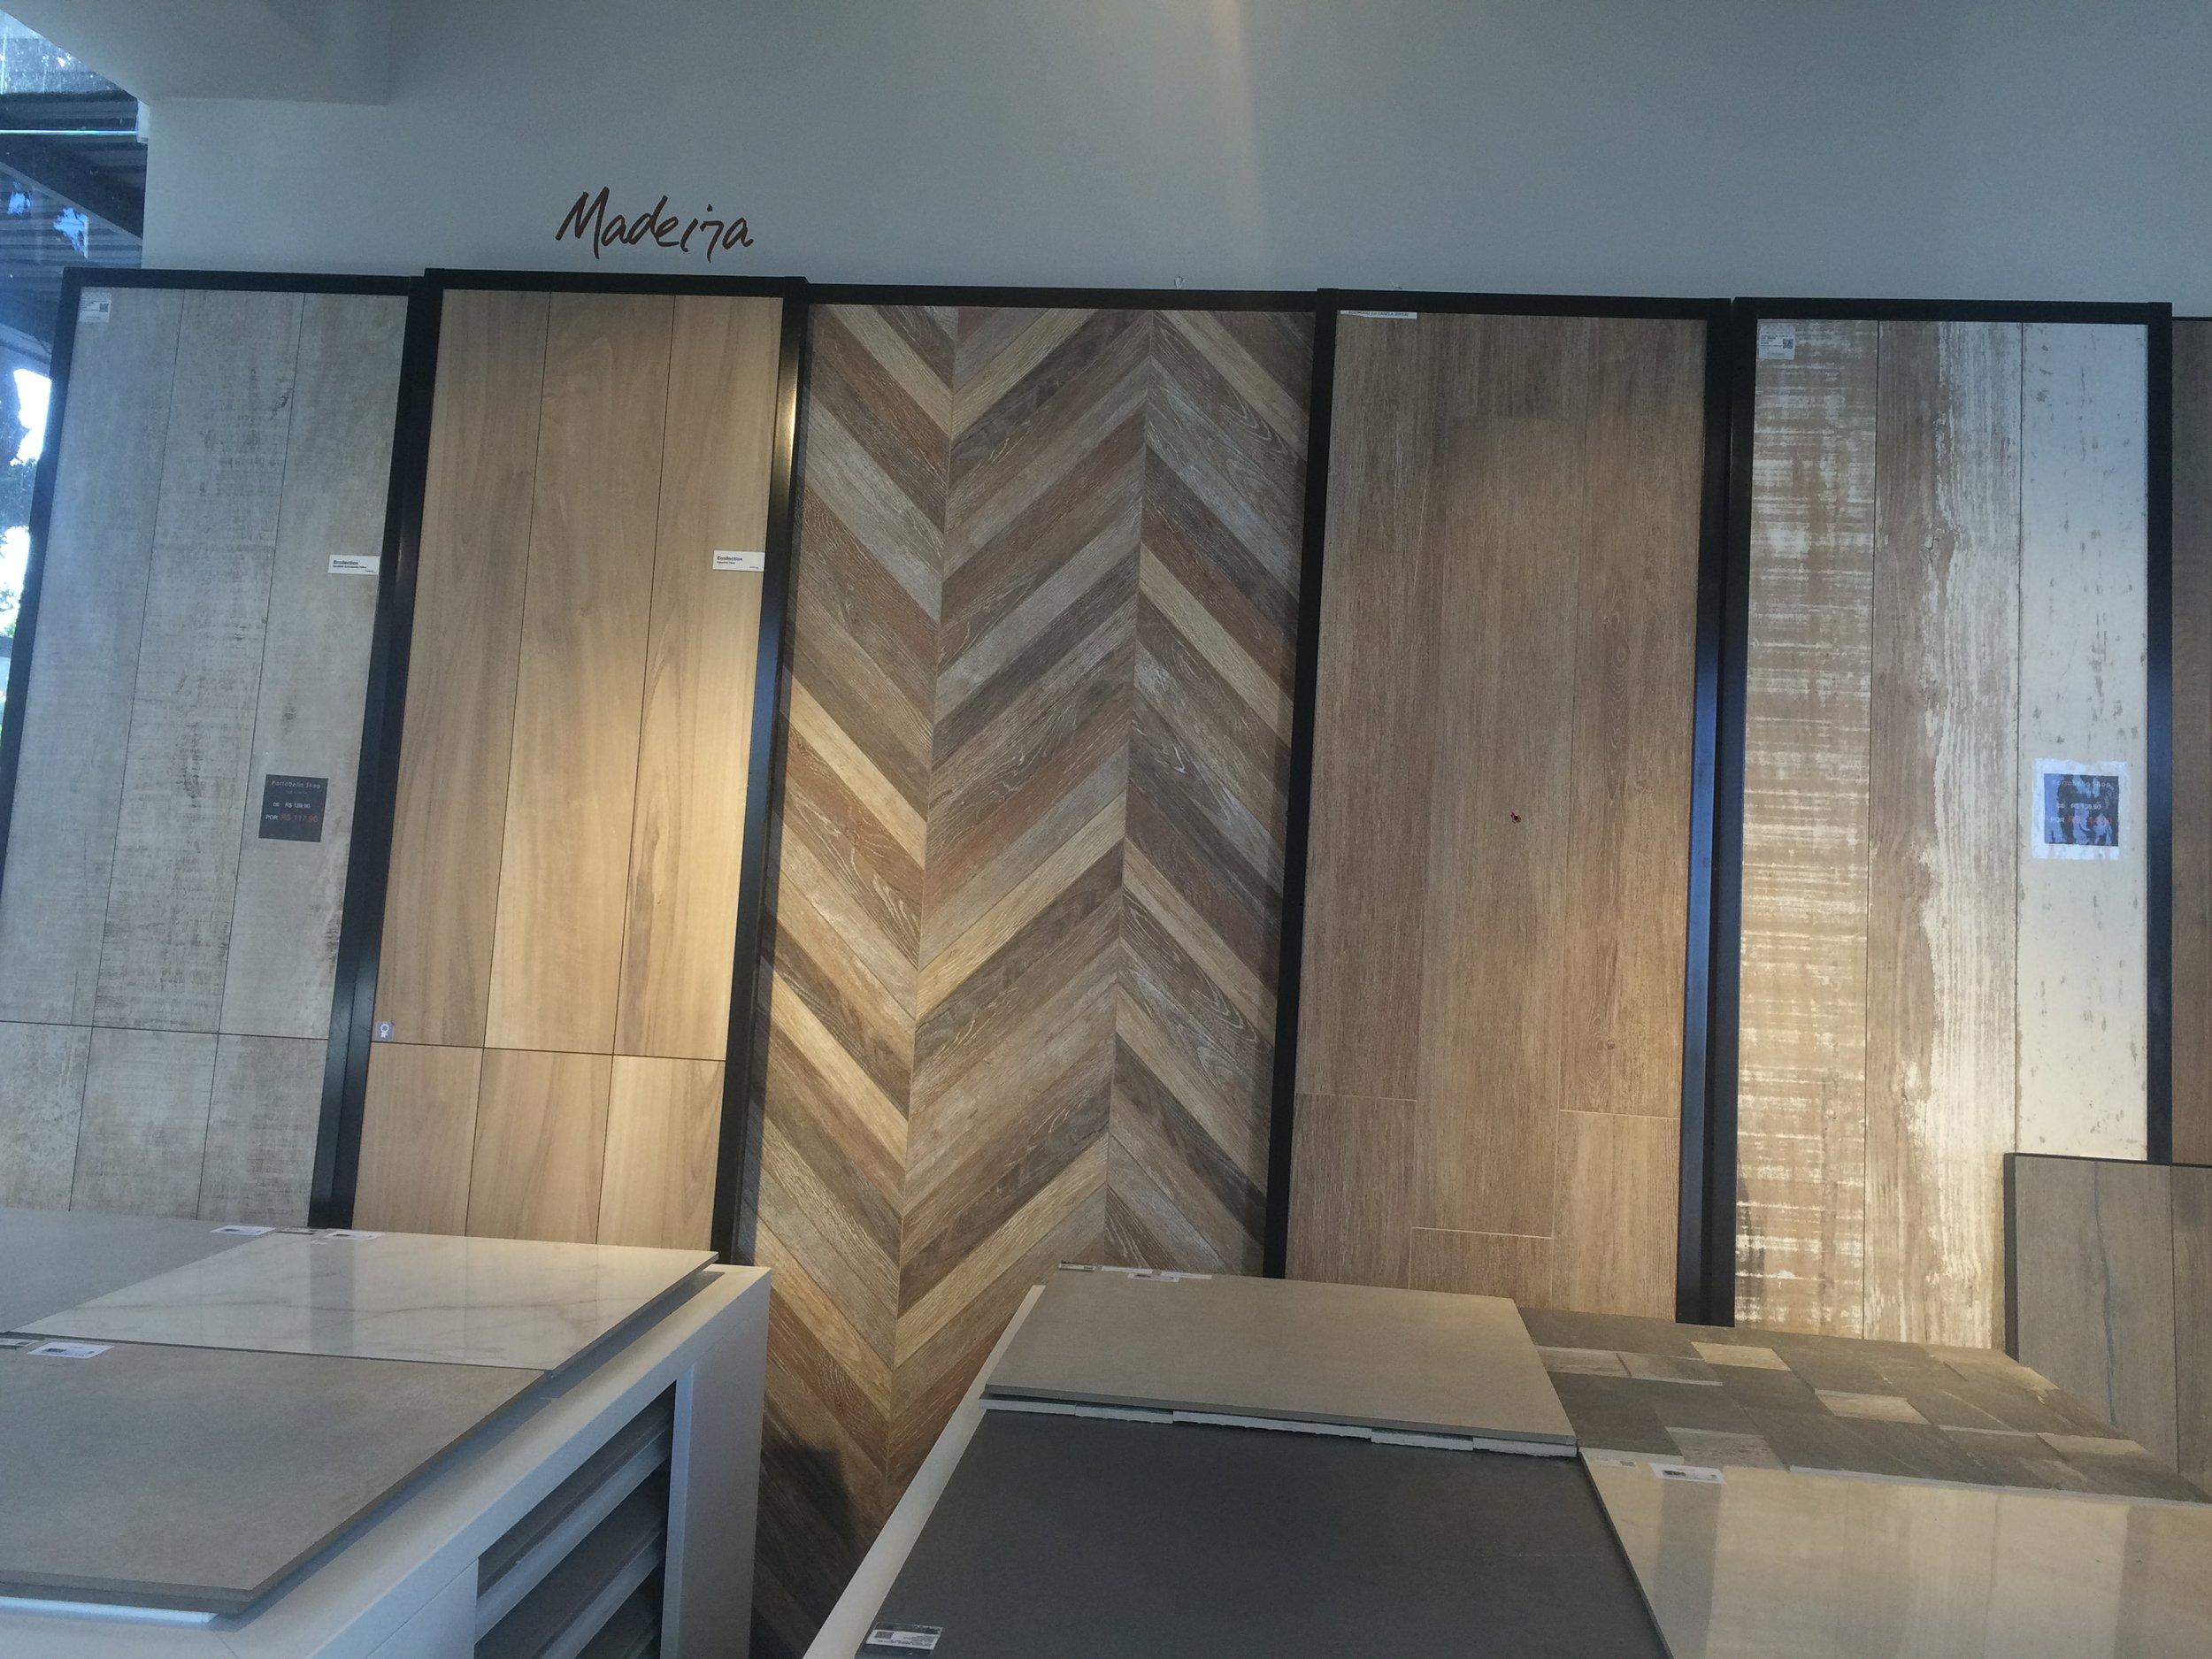 Foto 05: Revestimentos com textura e cor de madeira  Fonte: Arquivo Madi Arquitetura & Design